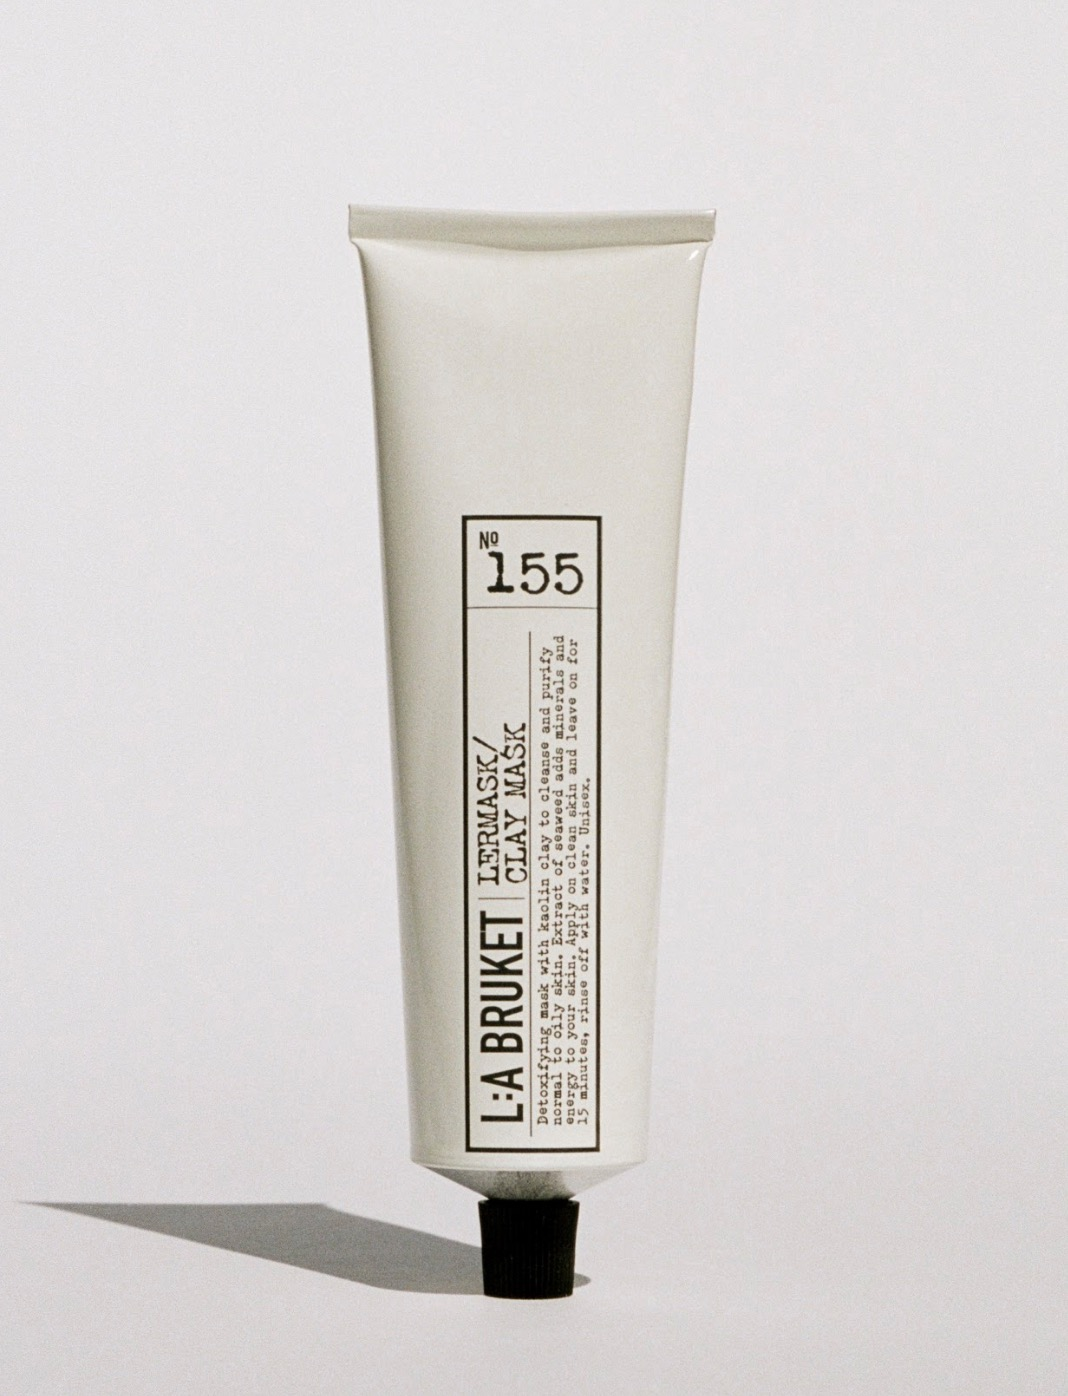 提供溫和地代謝角質、淨化毛孔、深層補水共3重功效,打通毛孔通道,提升後續保養品吸收力,是一款全能型前導面膜。添加墨角藻精華萃取,藉由高含量的褐藻糖膠快速清除自由基,使皮膚保持明亮活力。每週使用2至3次,定期淨化皮膚毛孔,突破保養瓶頸期。